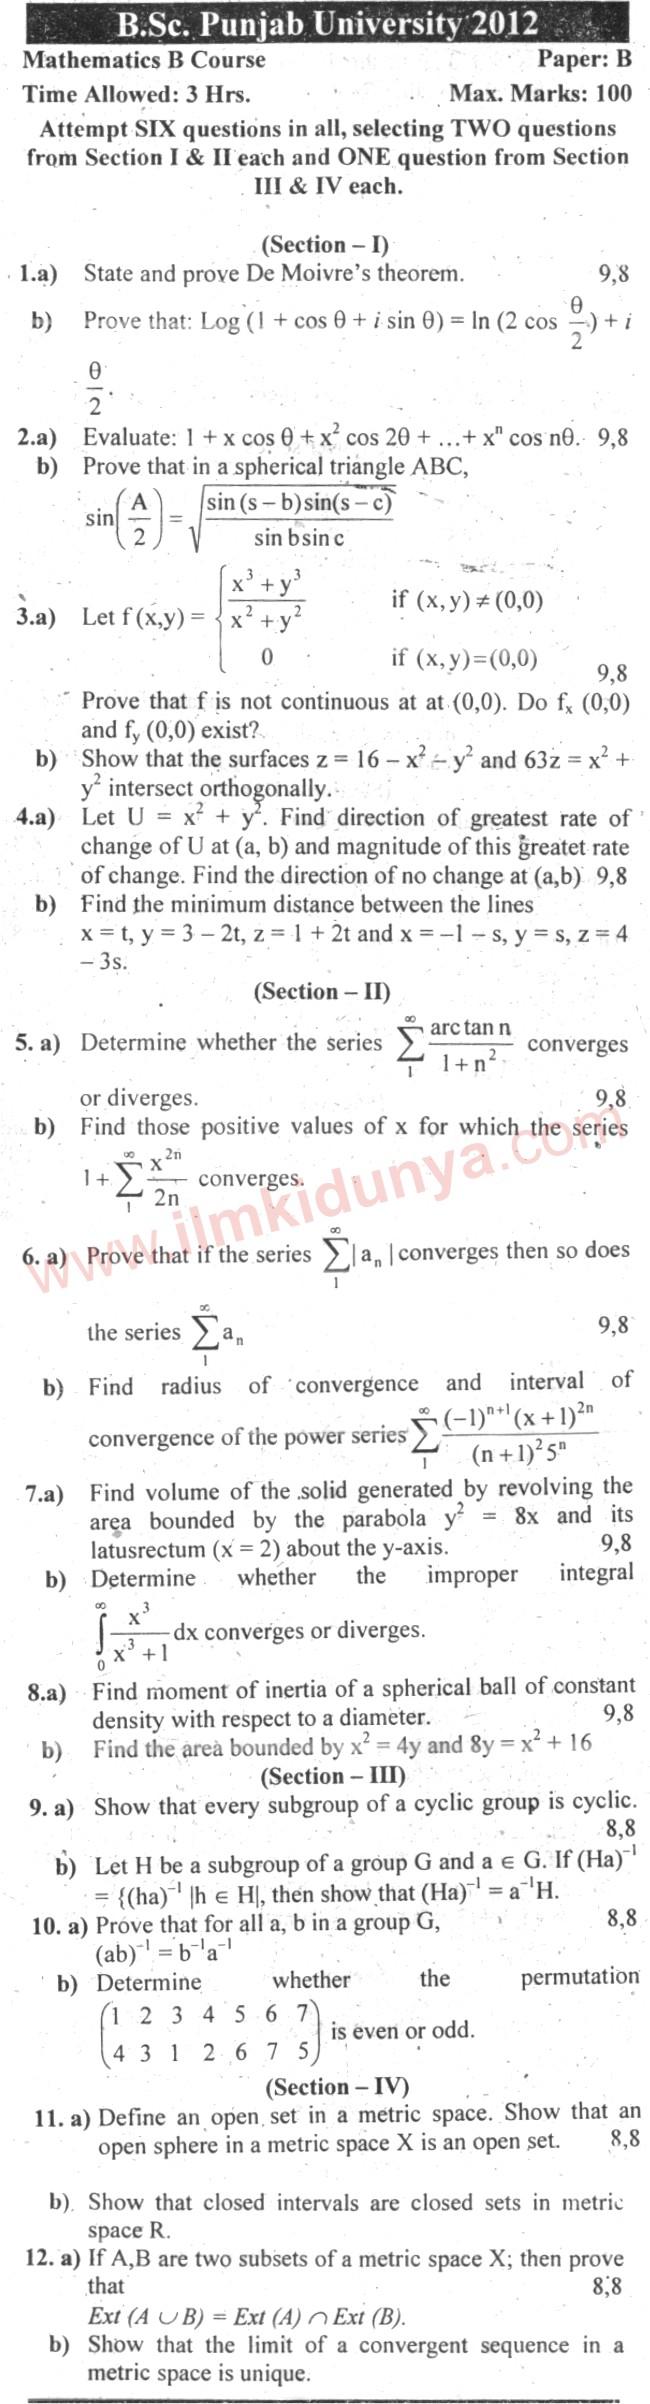 Past Papers 2012 Punjab University BSc Mathematics B ...